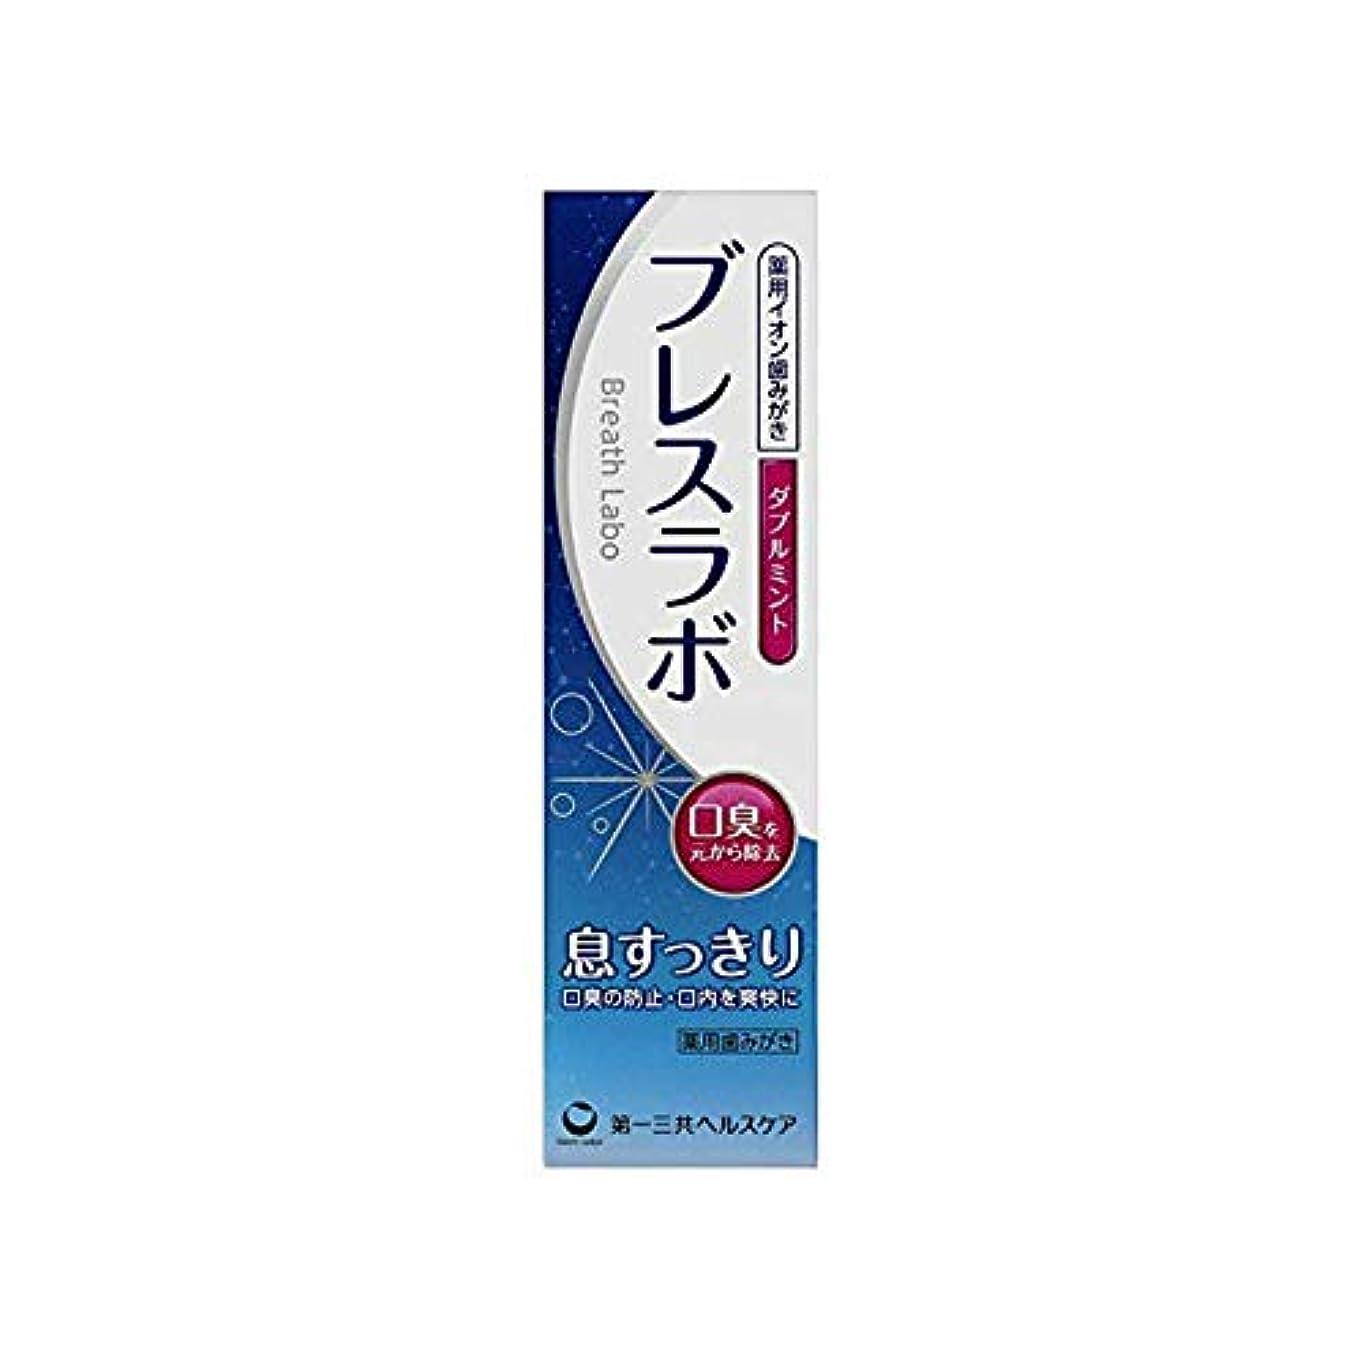 ナチュラル九神経【10個セット】ブレスラボ ダブルミント 90g